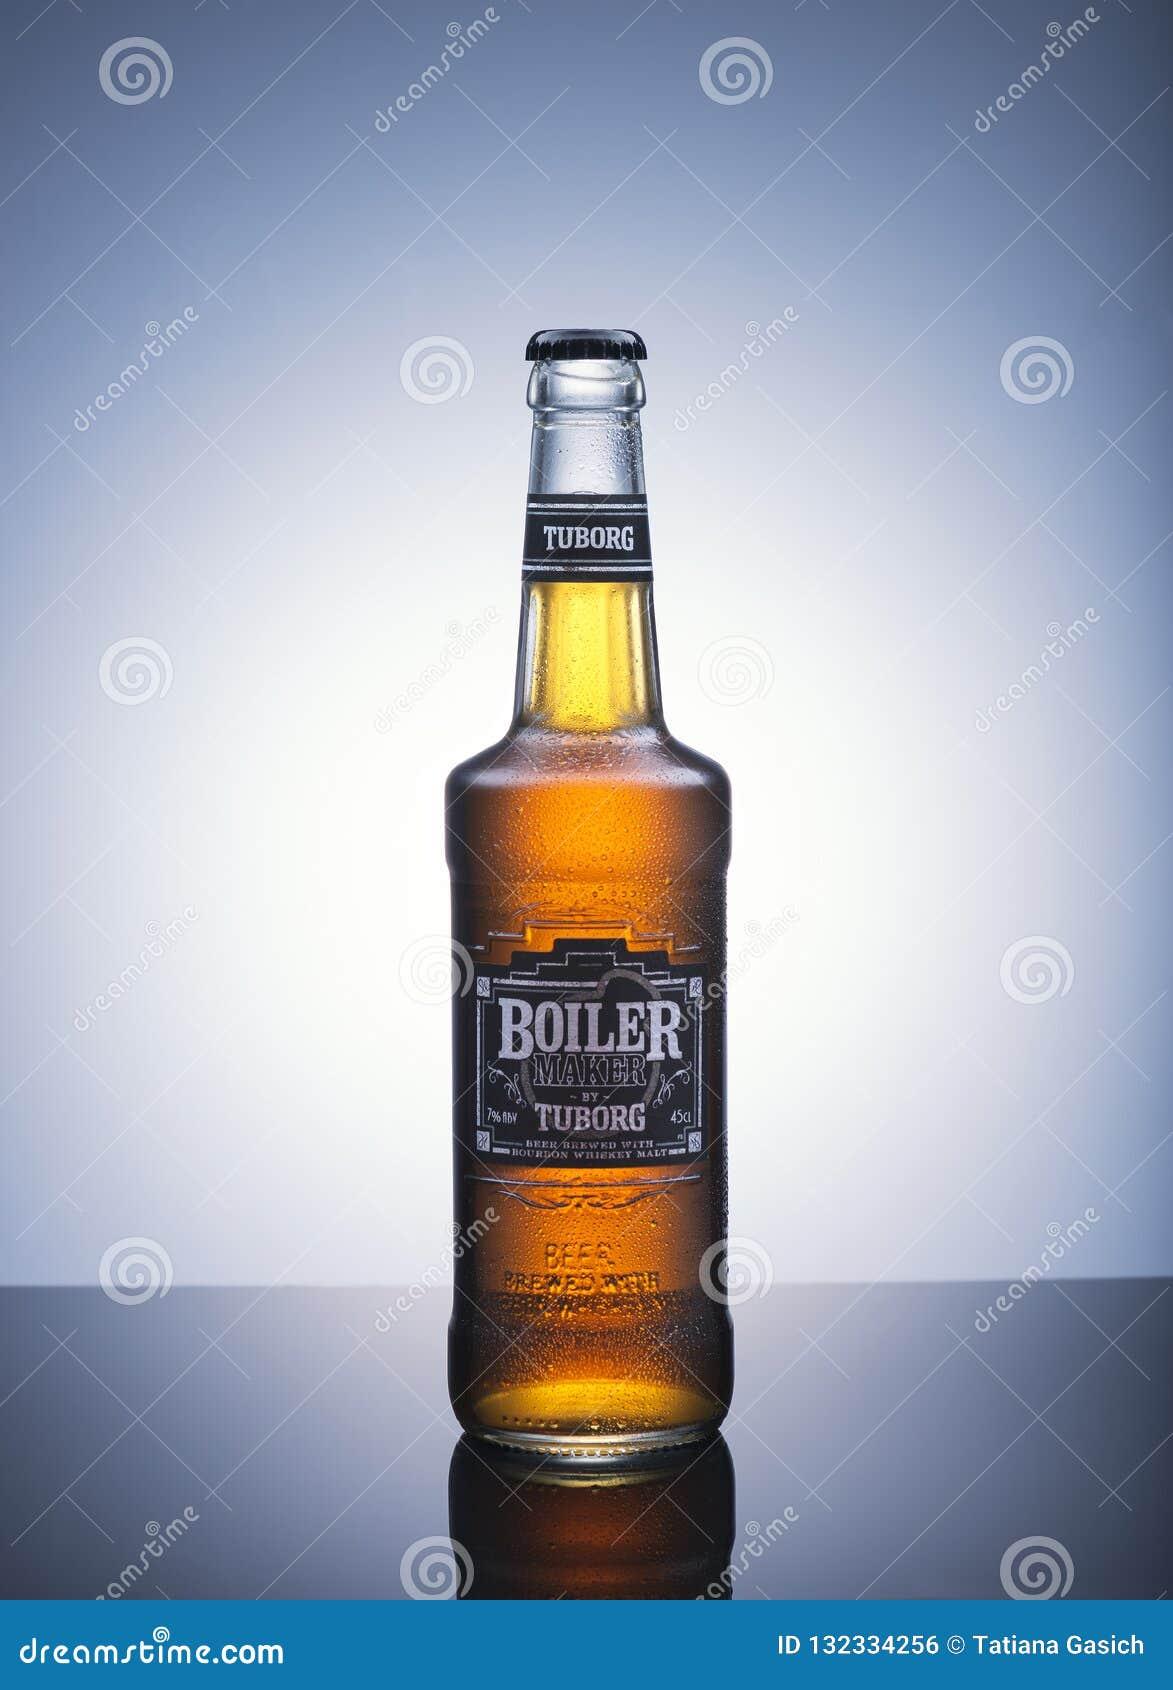 Bouteille de fabricant de chaudière de bière par Tuborg